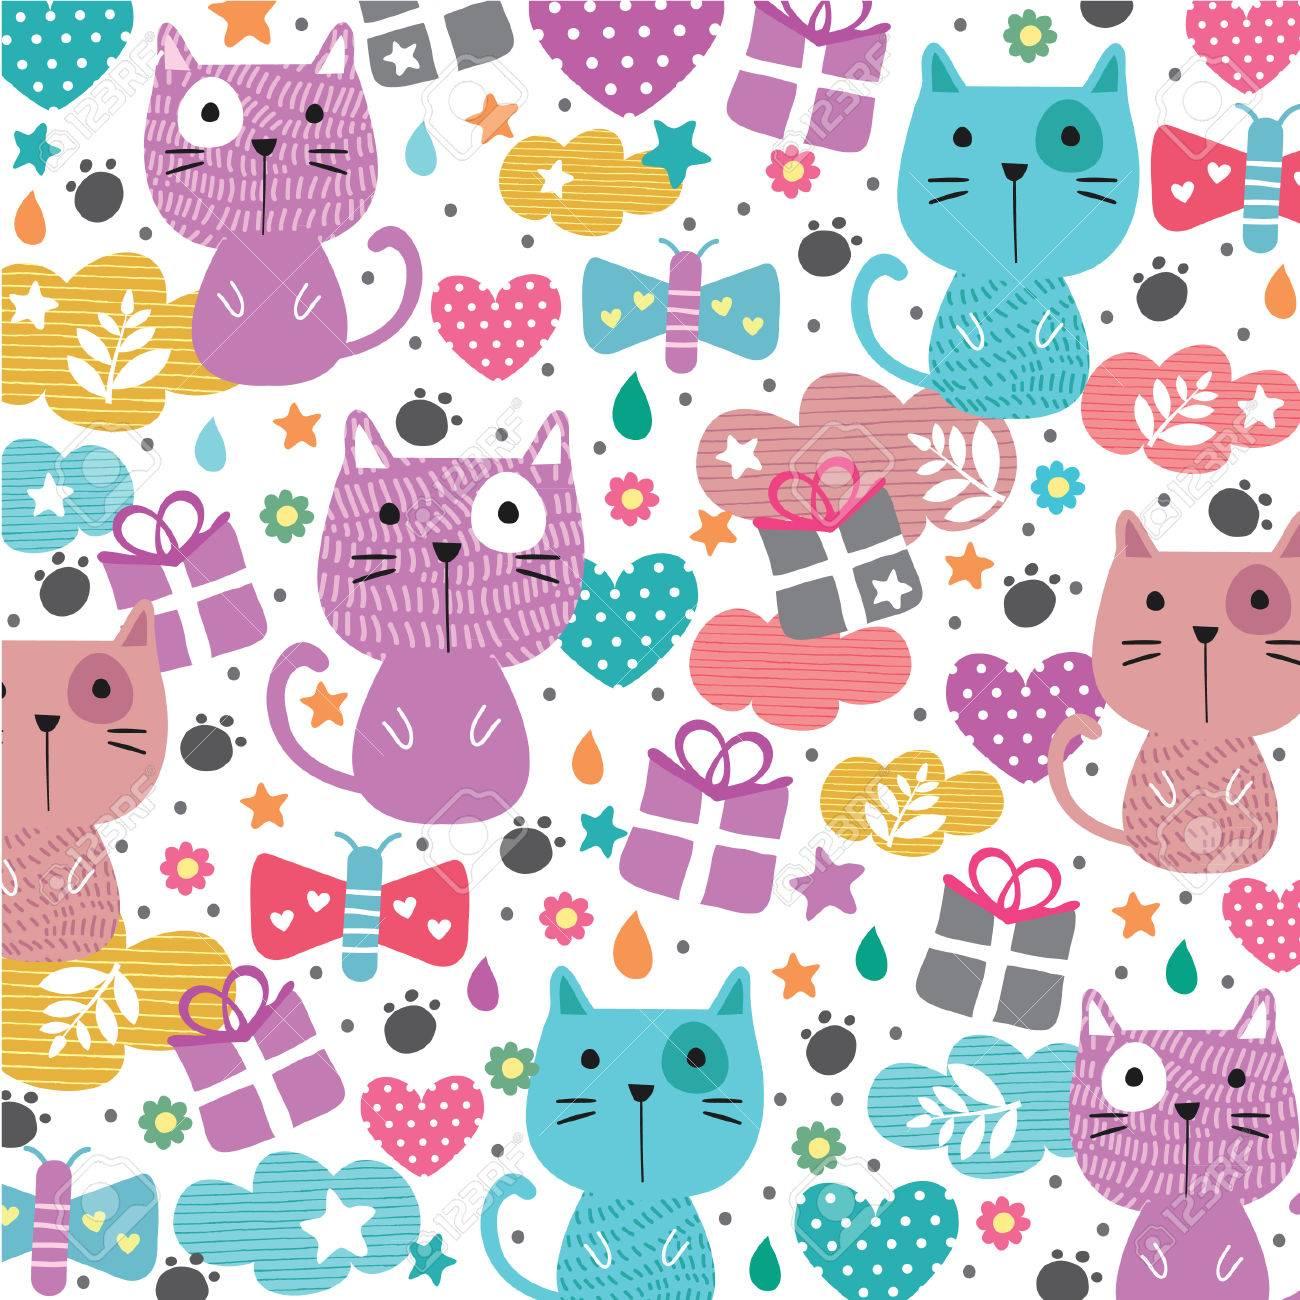 ニャー猫イラストの壁紙のイラスト素材 ベクタ Image